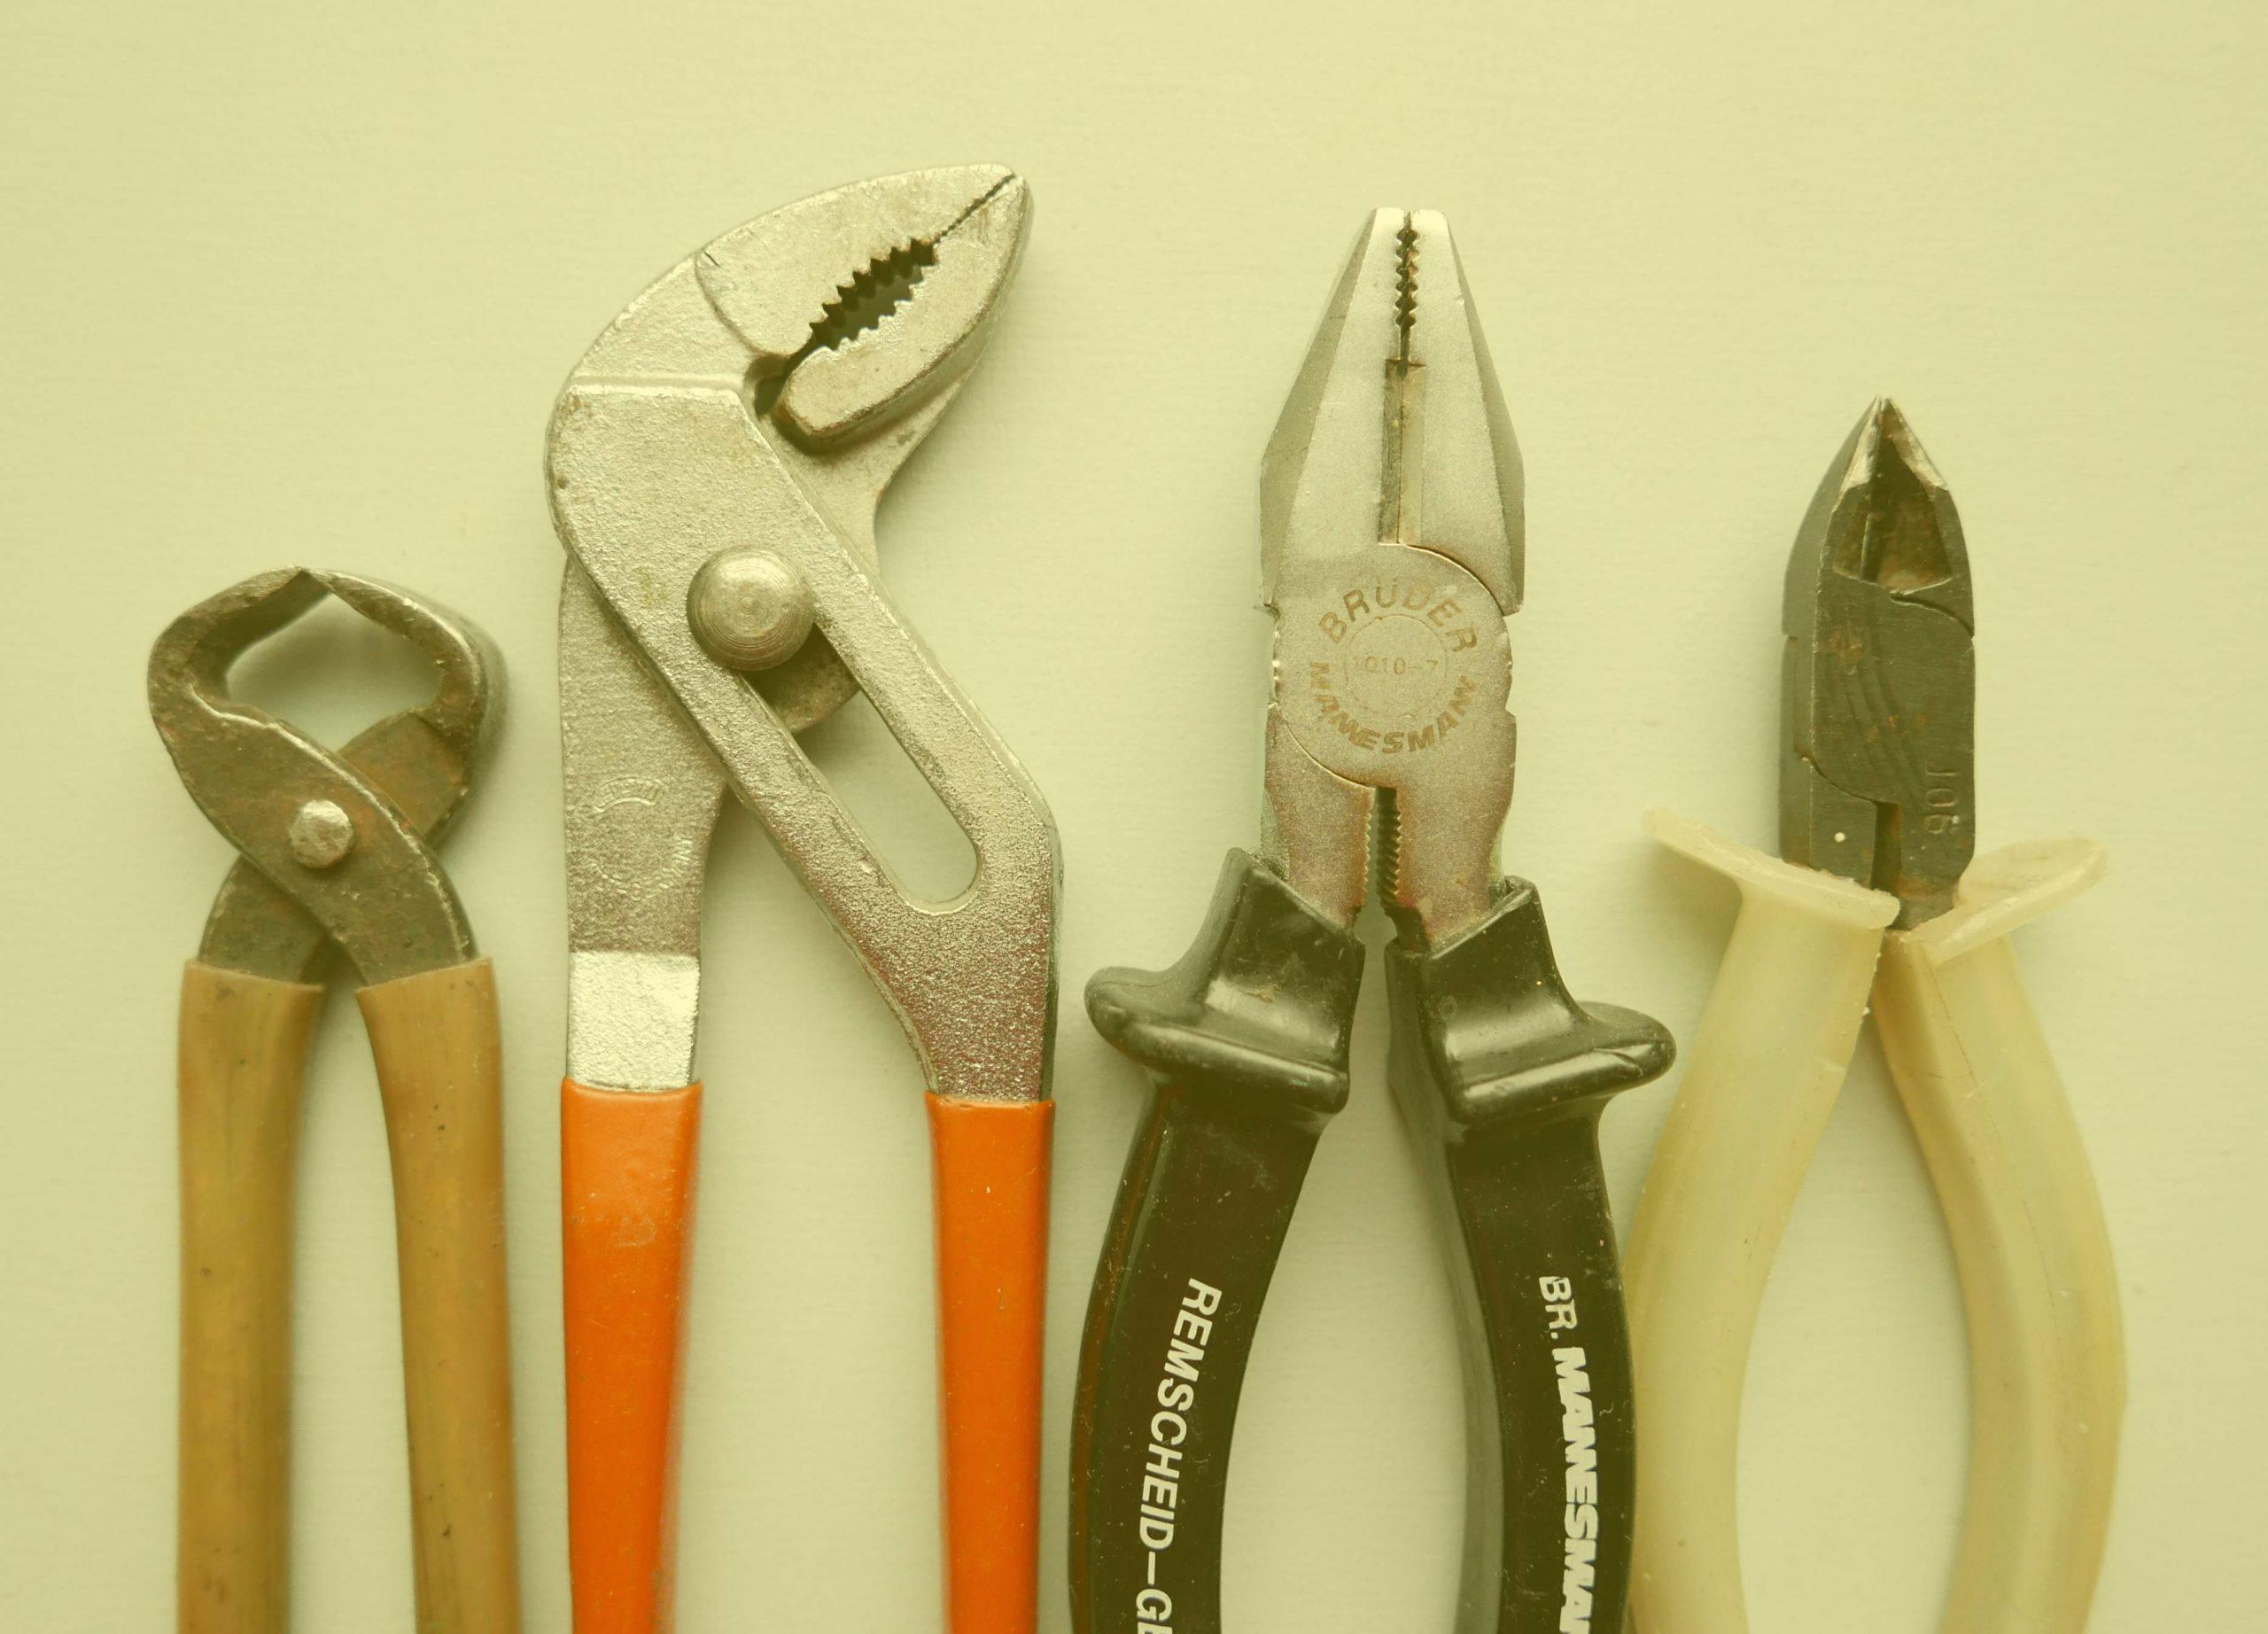 Umbauen und Reparieren Werkzeug, vier verschiedene Zangen